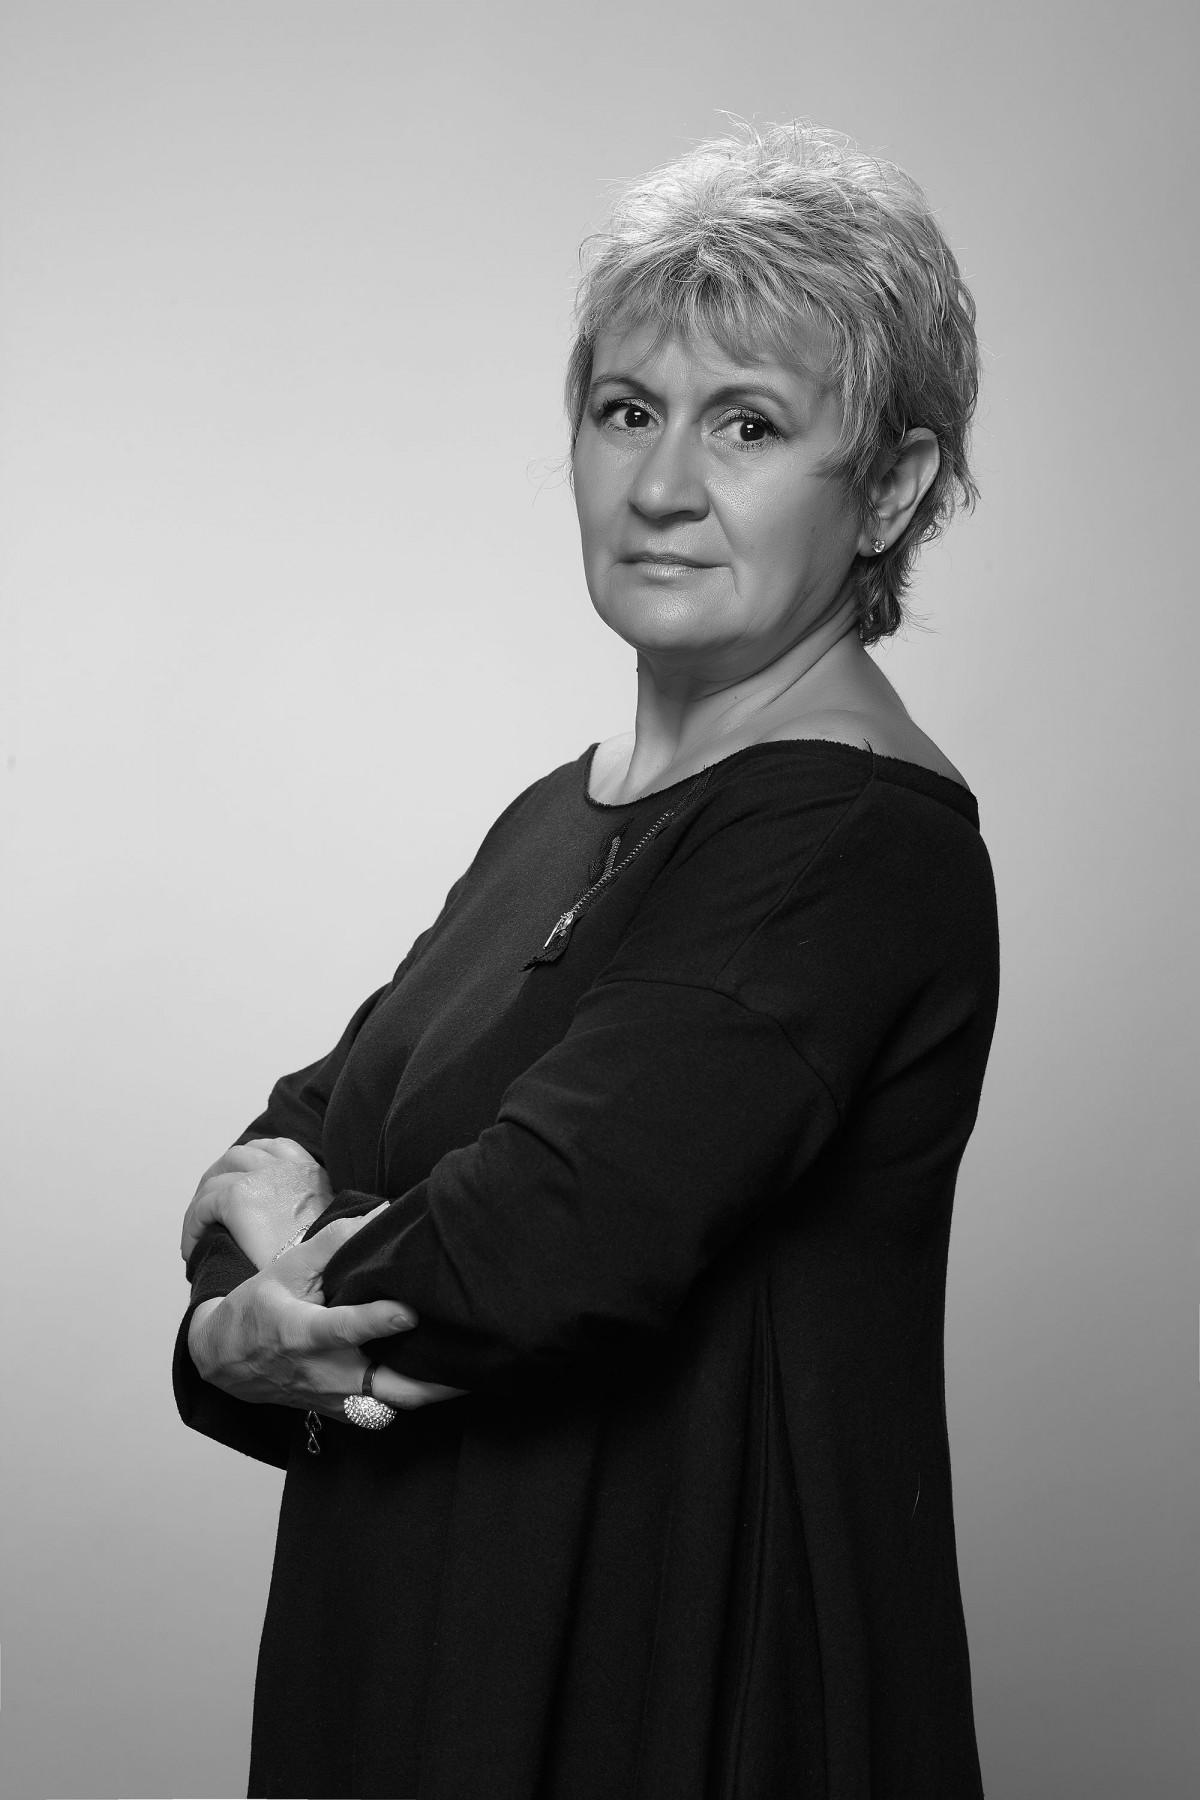 Gratsiela Miladinova for bTV